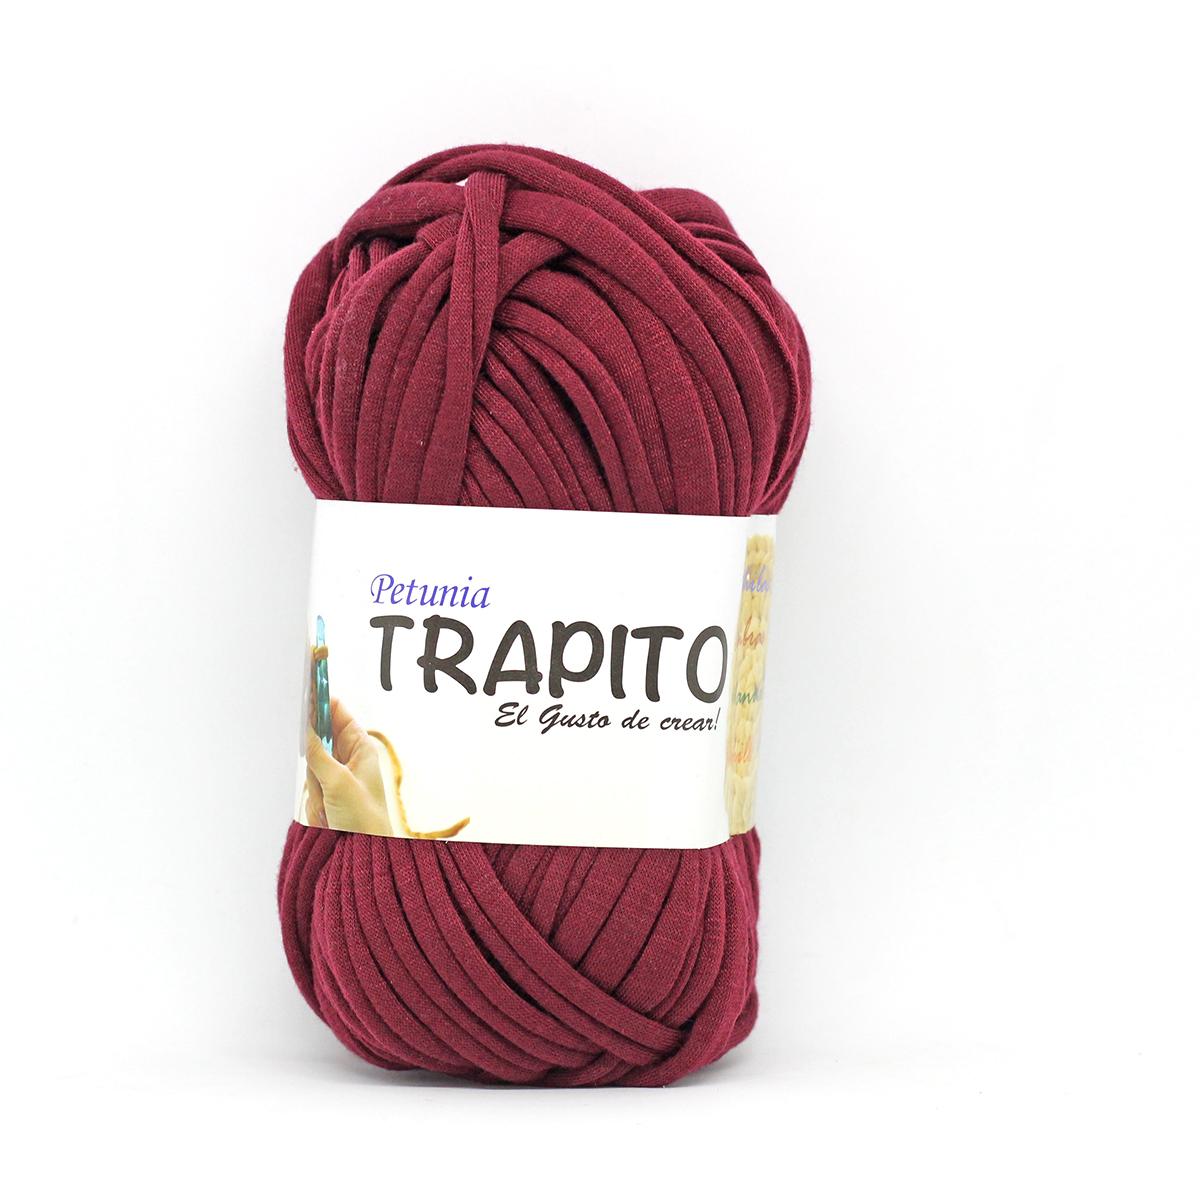 Trapito - 58